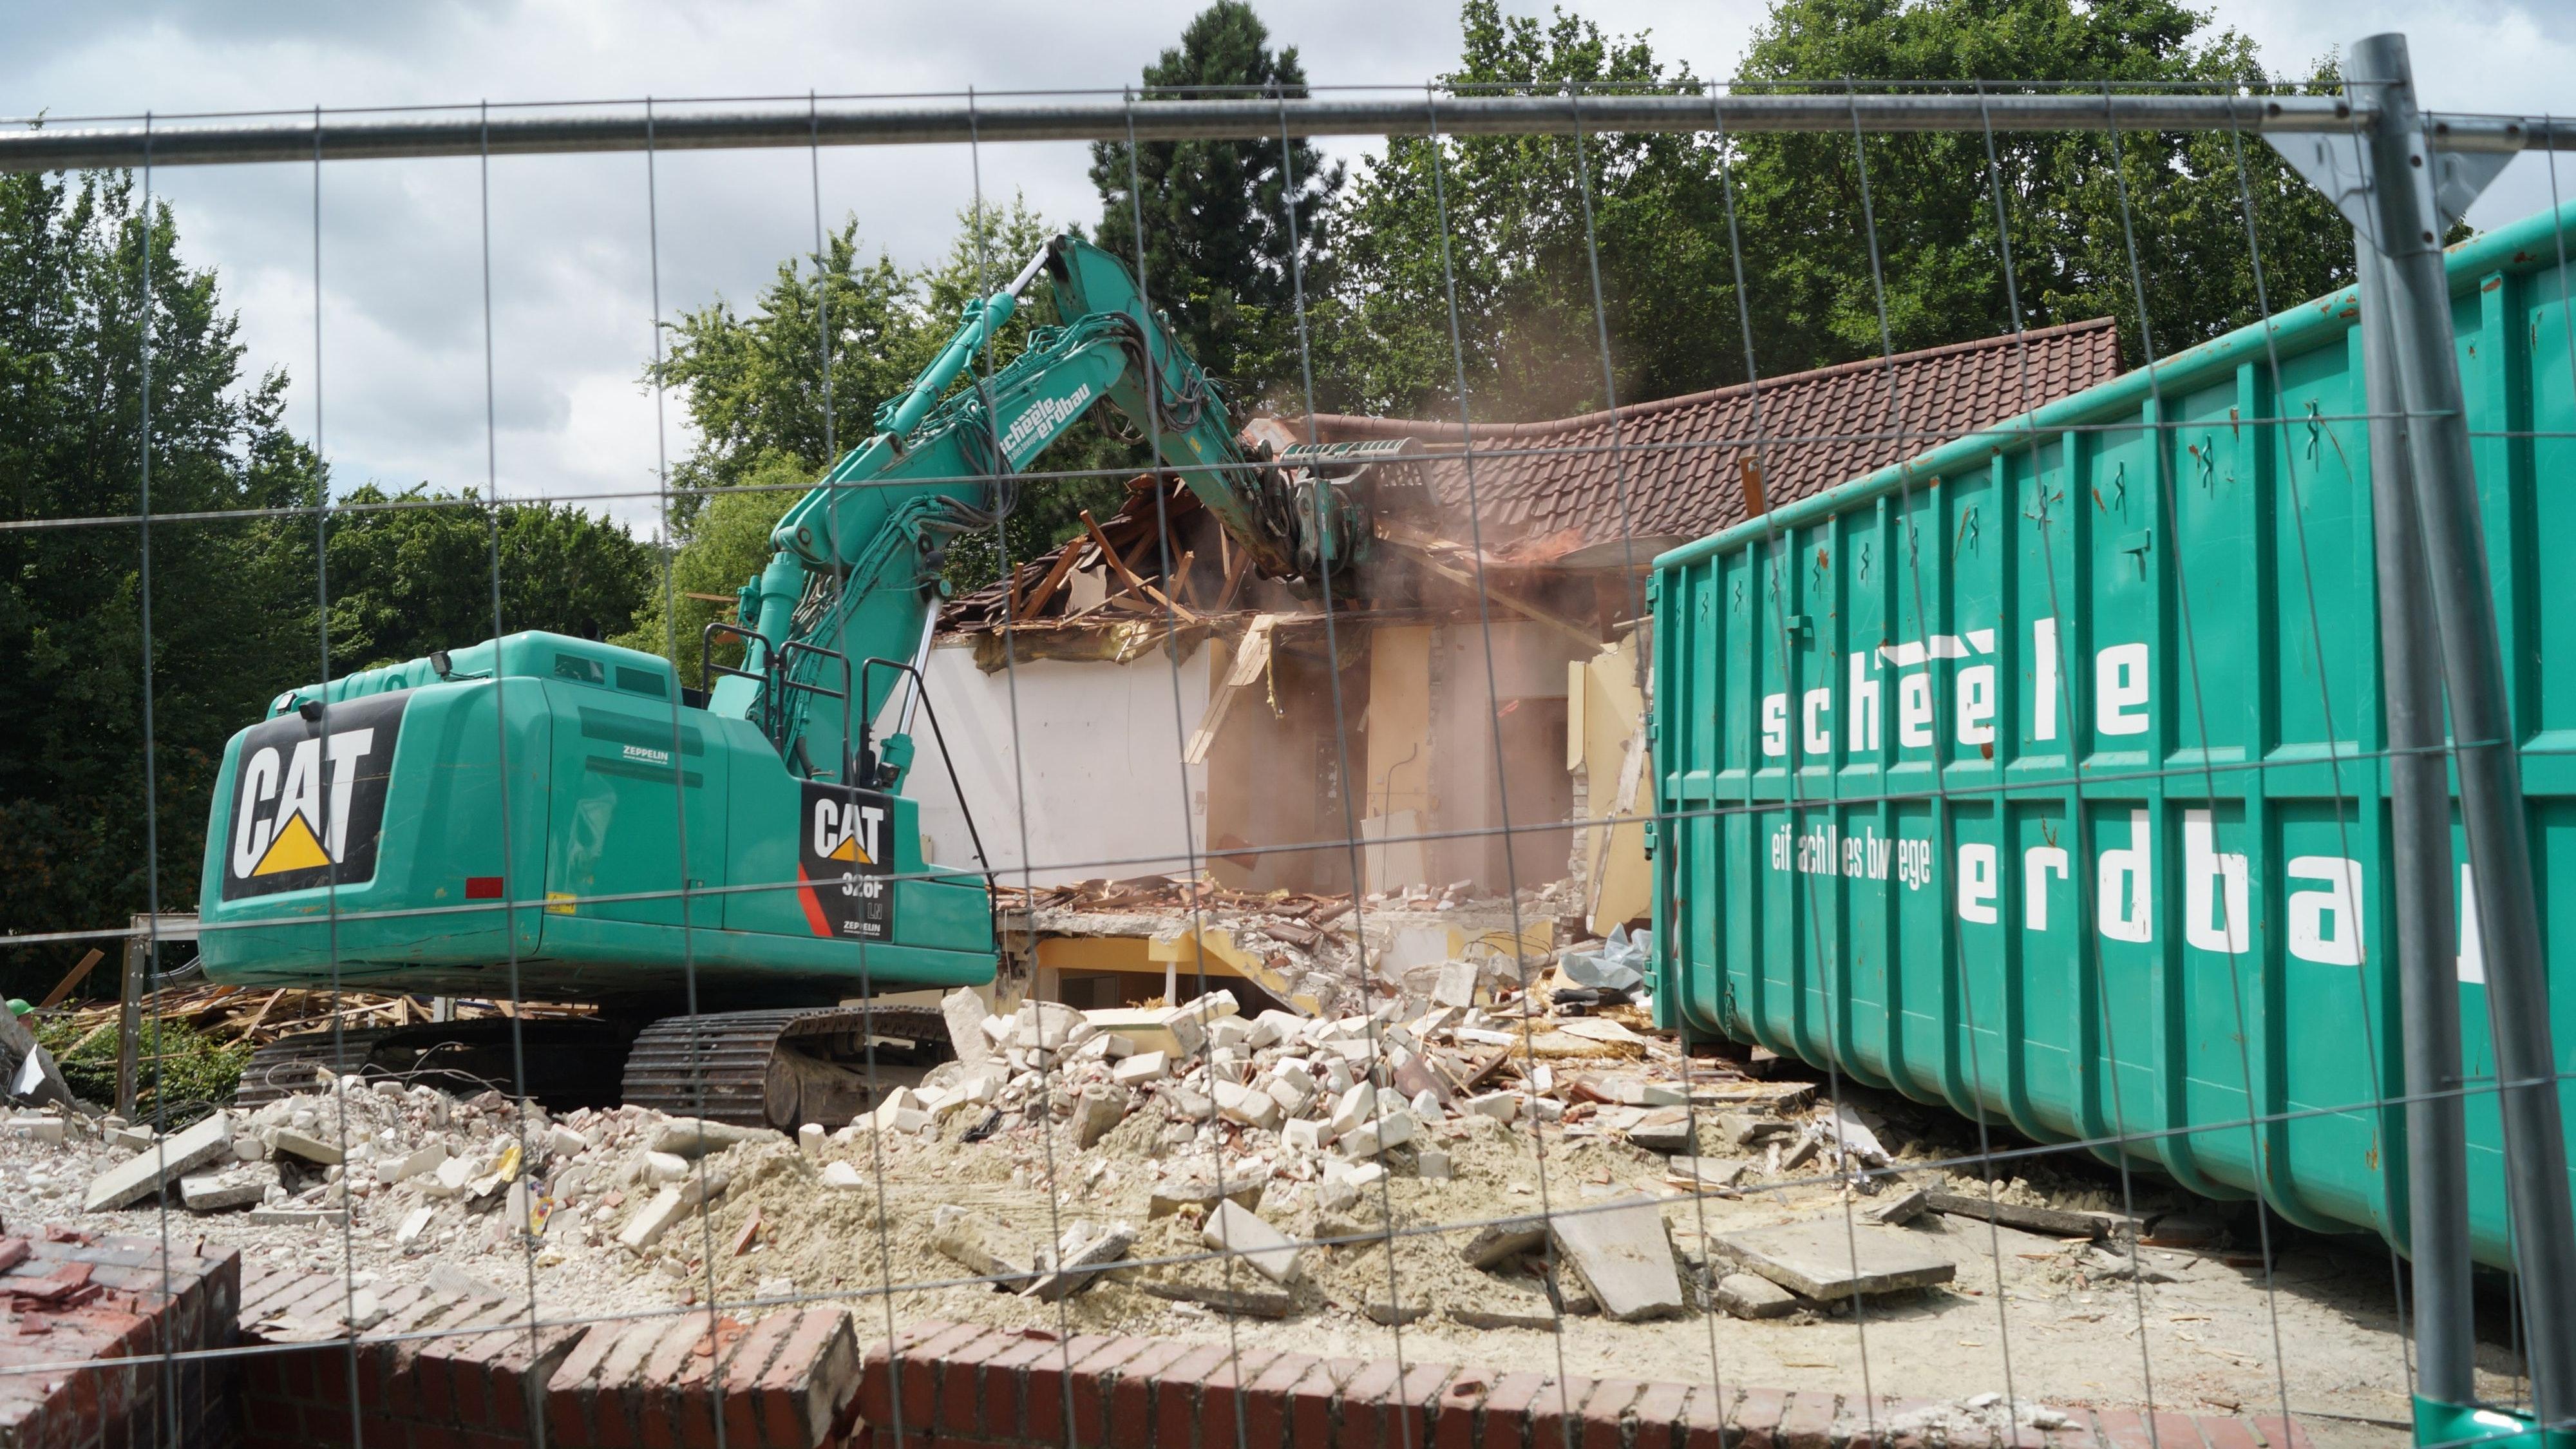 Nur noch Schutt: Seit einigen Tagen läuft der Abriss des Kindergartens St. Gorgonius in Goldenstedt: Foto: C. Meyer